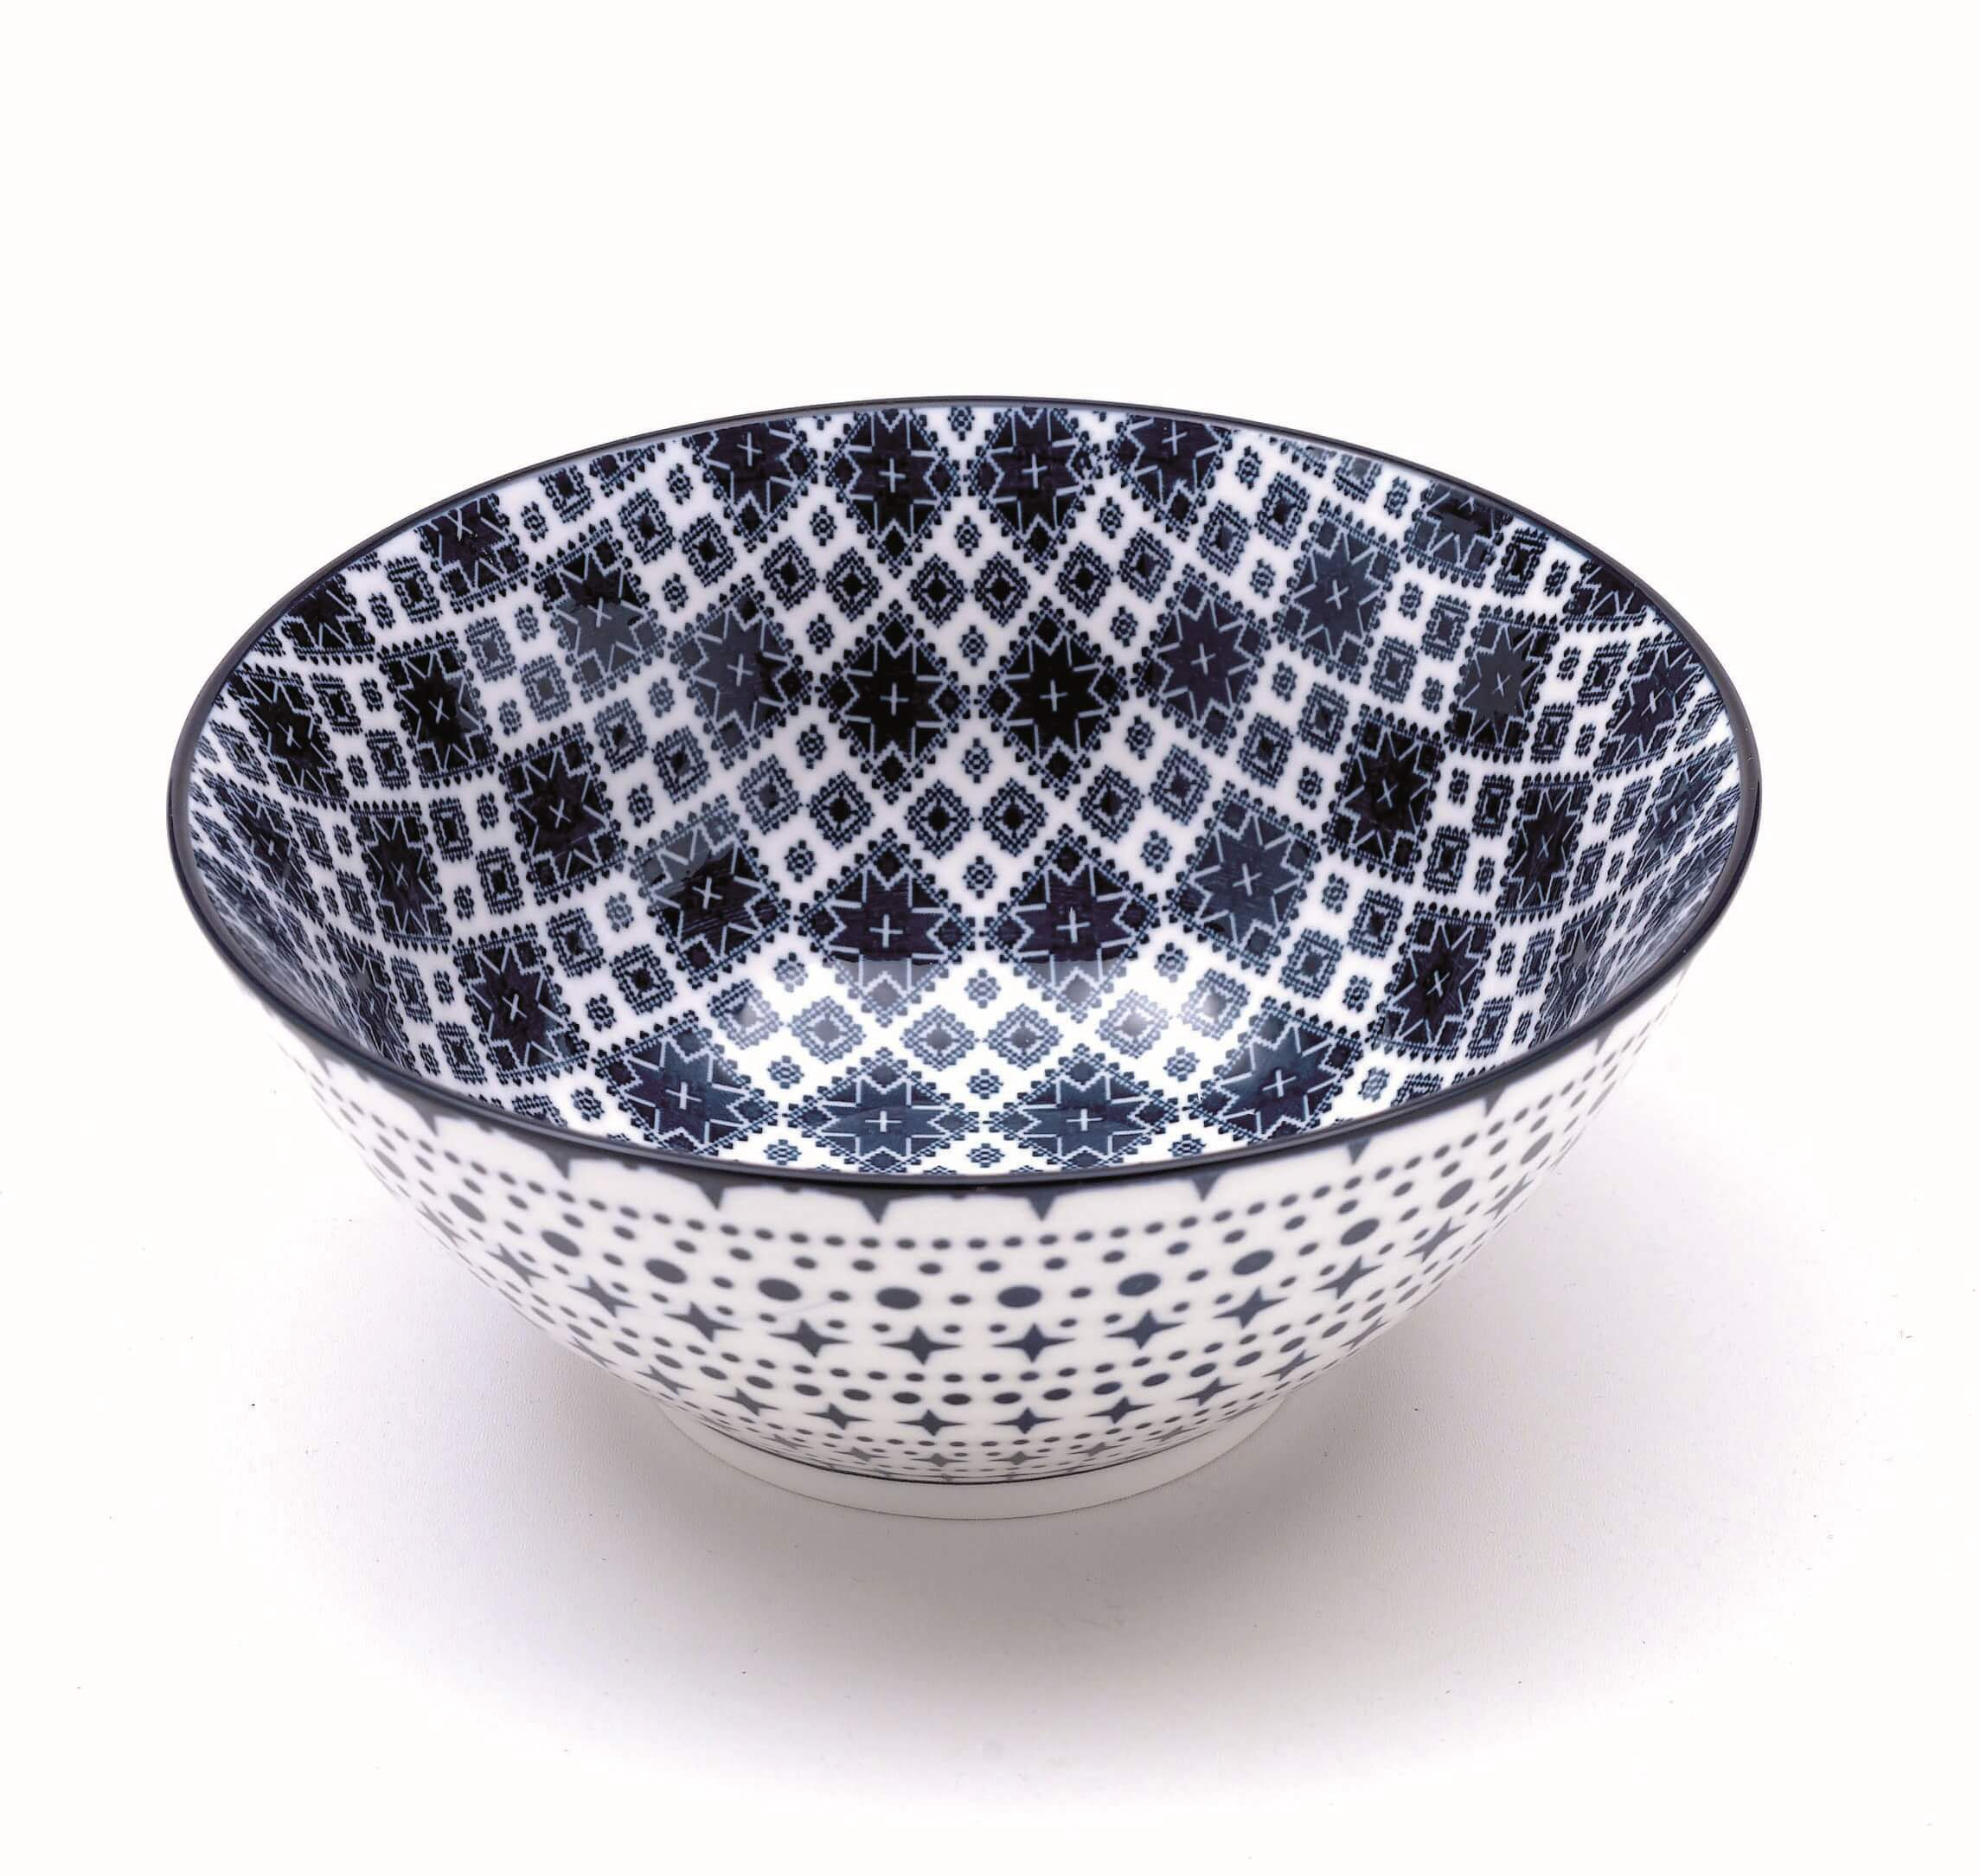 Noleggio Monoporzione Bowl Zafferano Rhapsody Ø cm. 12,5